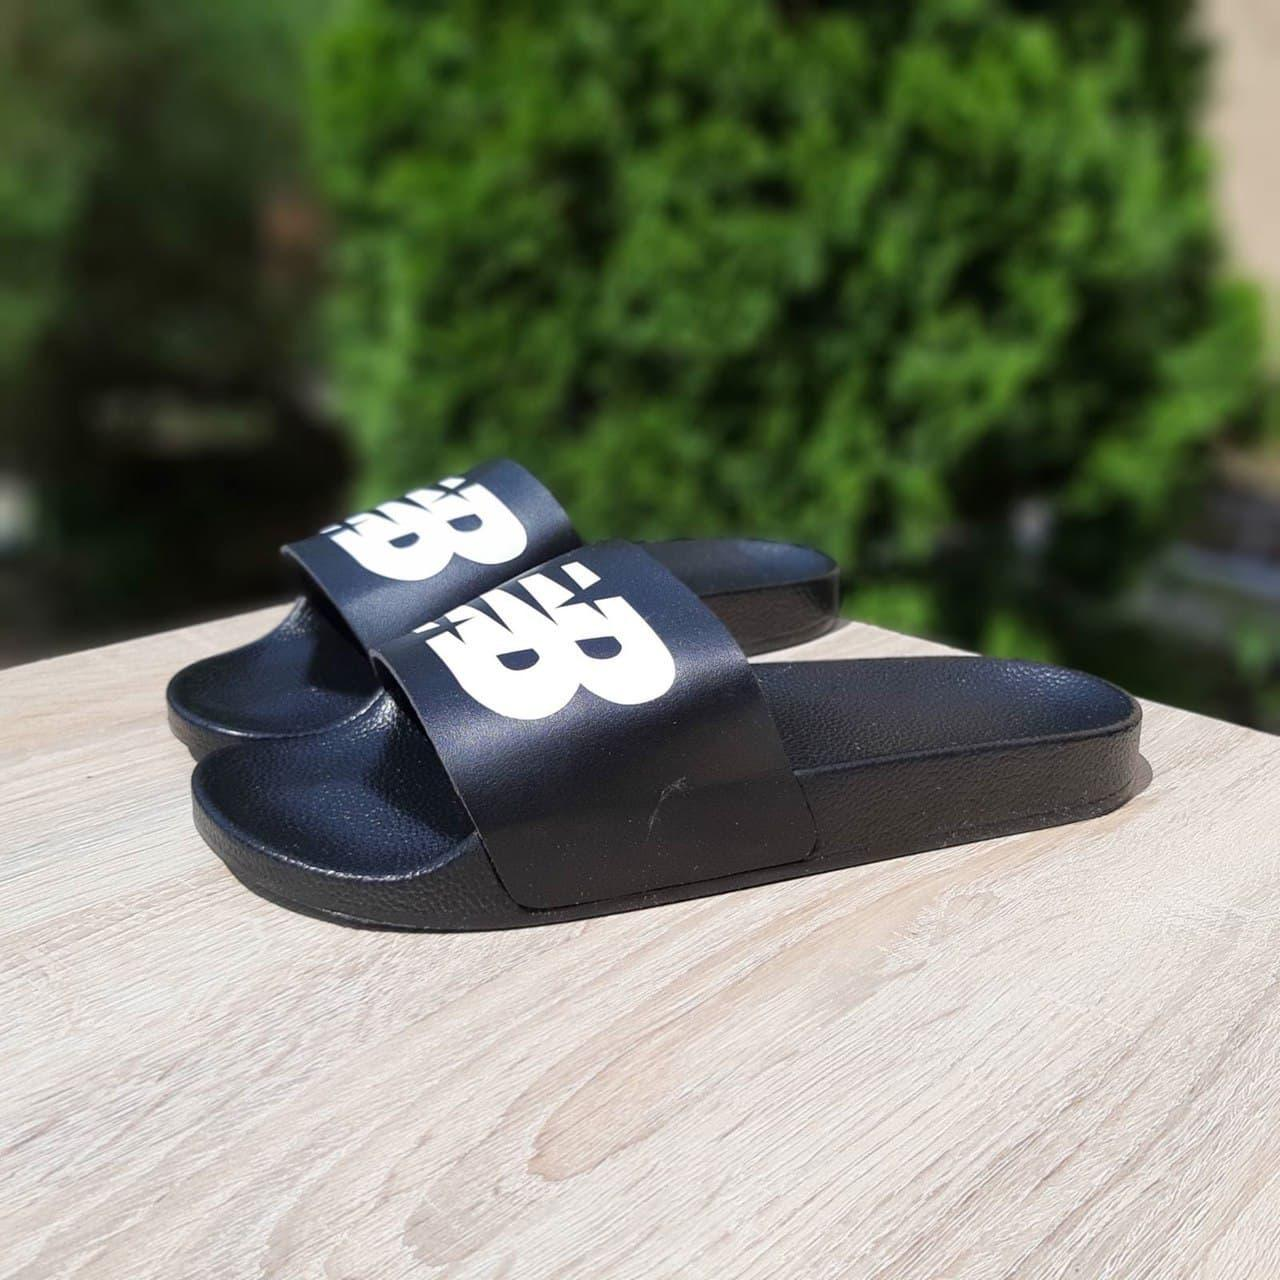 Мужские шлепки New Balance (черные) О40023 легкие удобные тапочки